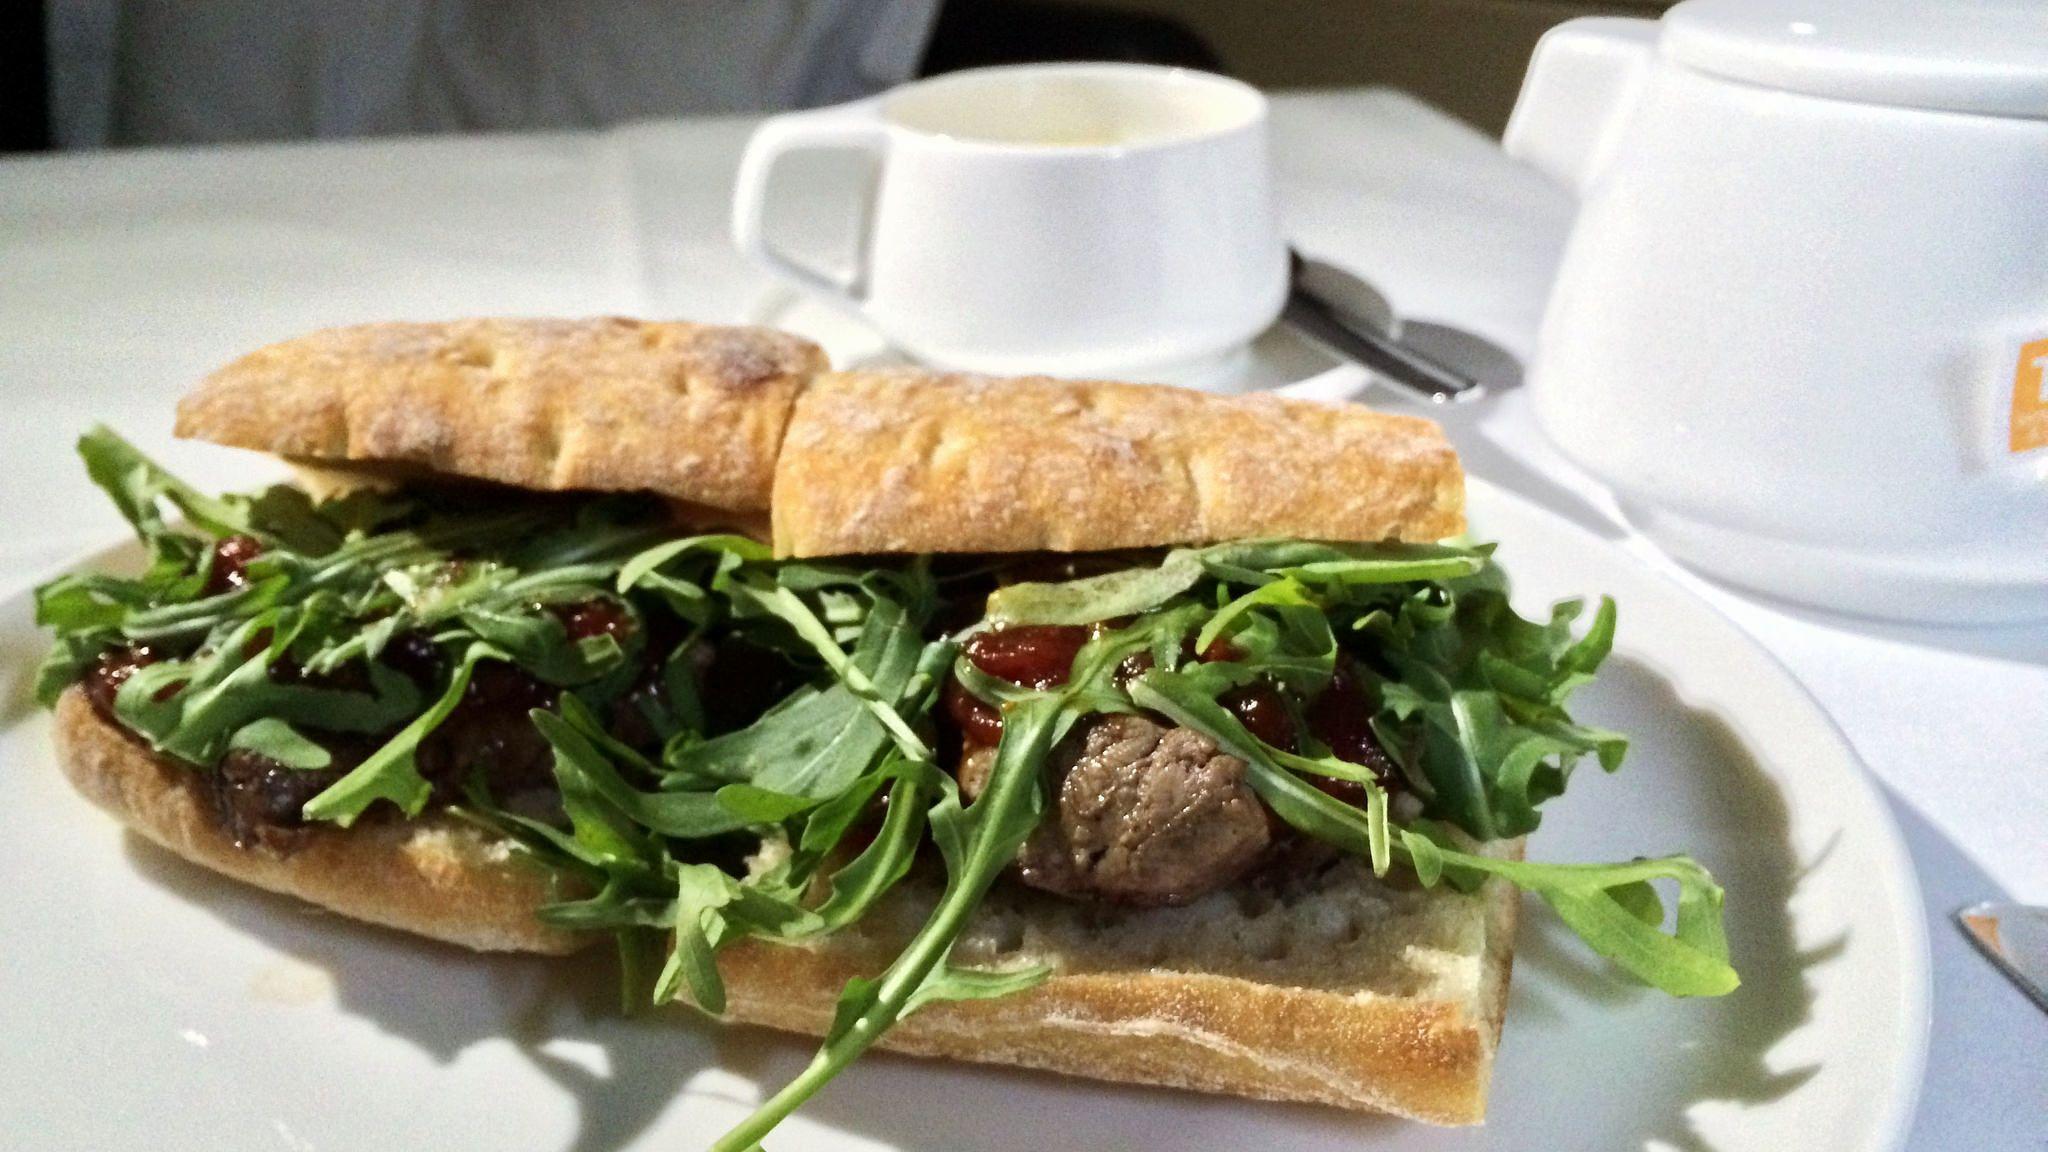 First class inflight meal qantas inflight meal